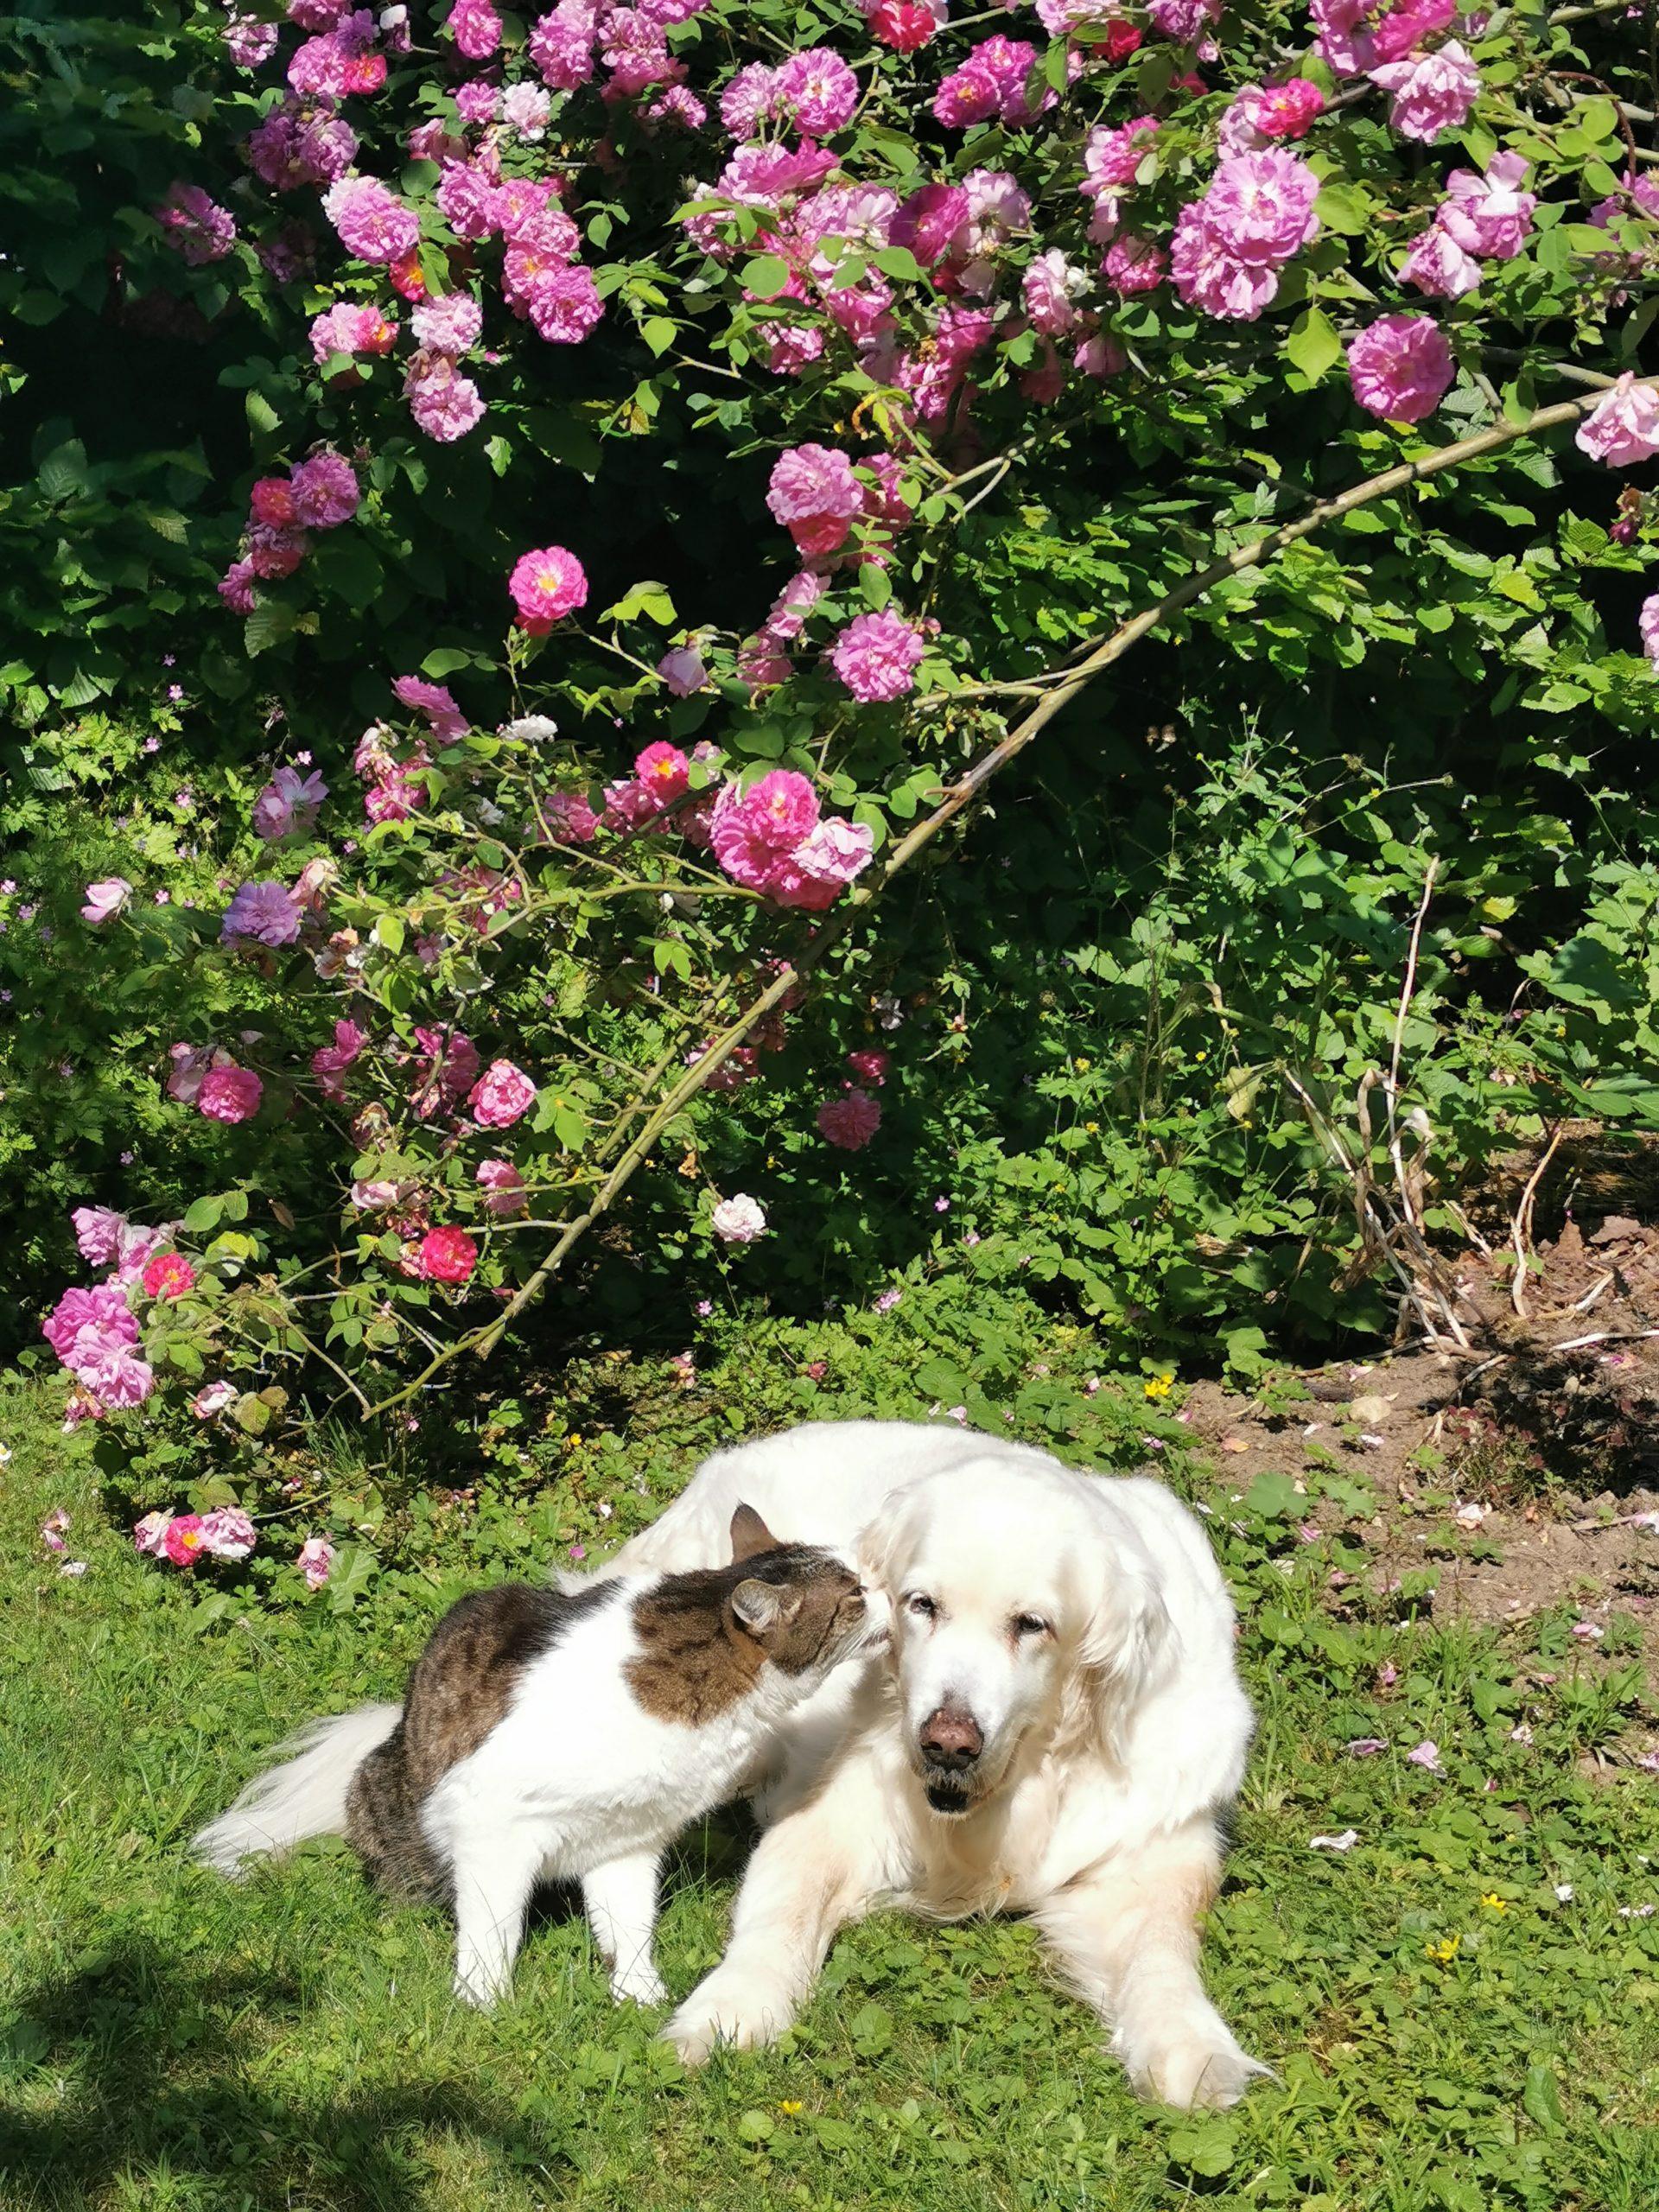 Hund und Katze vor einem Rosenstrauch, der Kater scheint der Hündin etwas ins Ohr zu flüstern